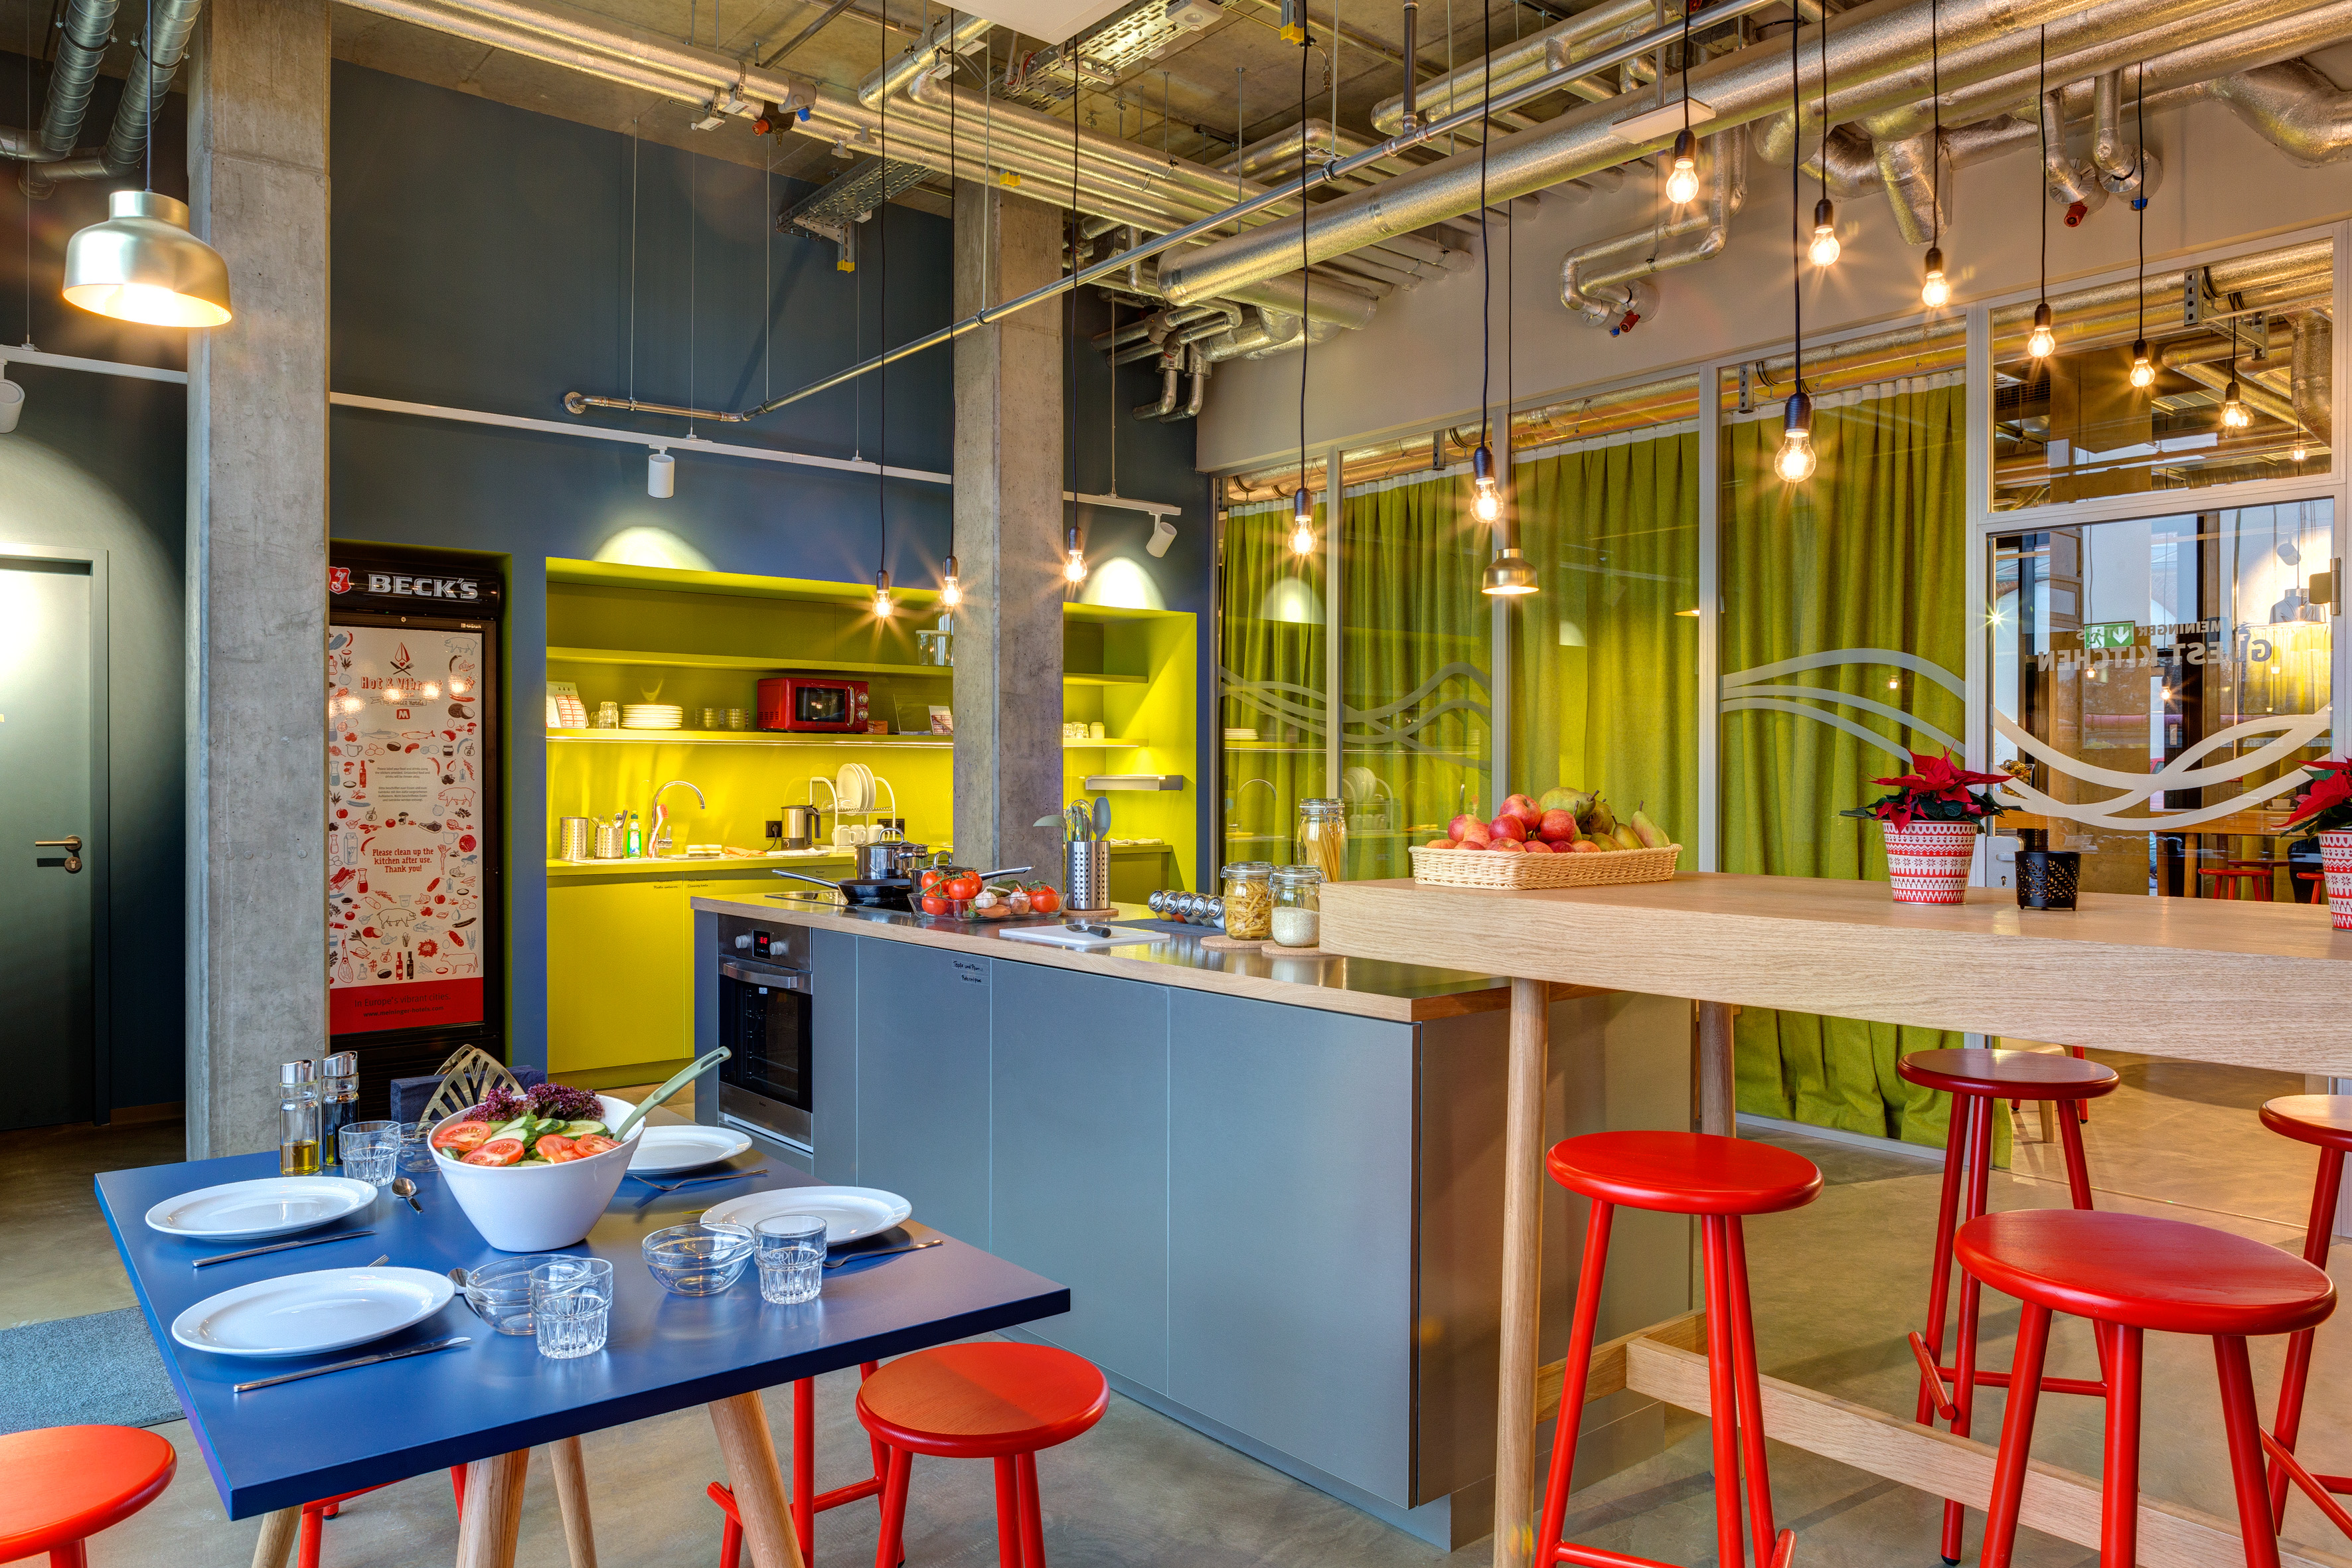 MEININGER Hotel Berlin East Side Gallery - Guest kitchen